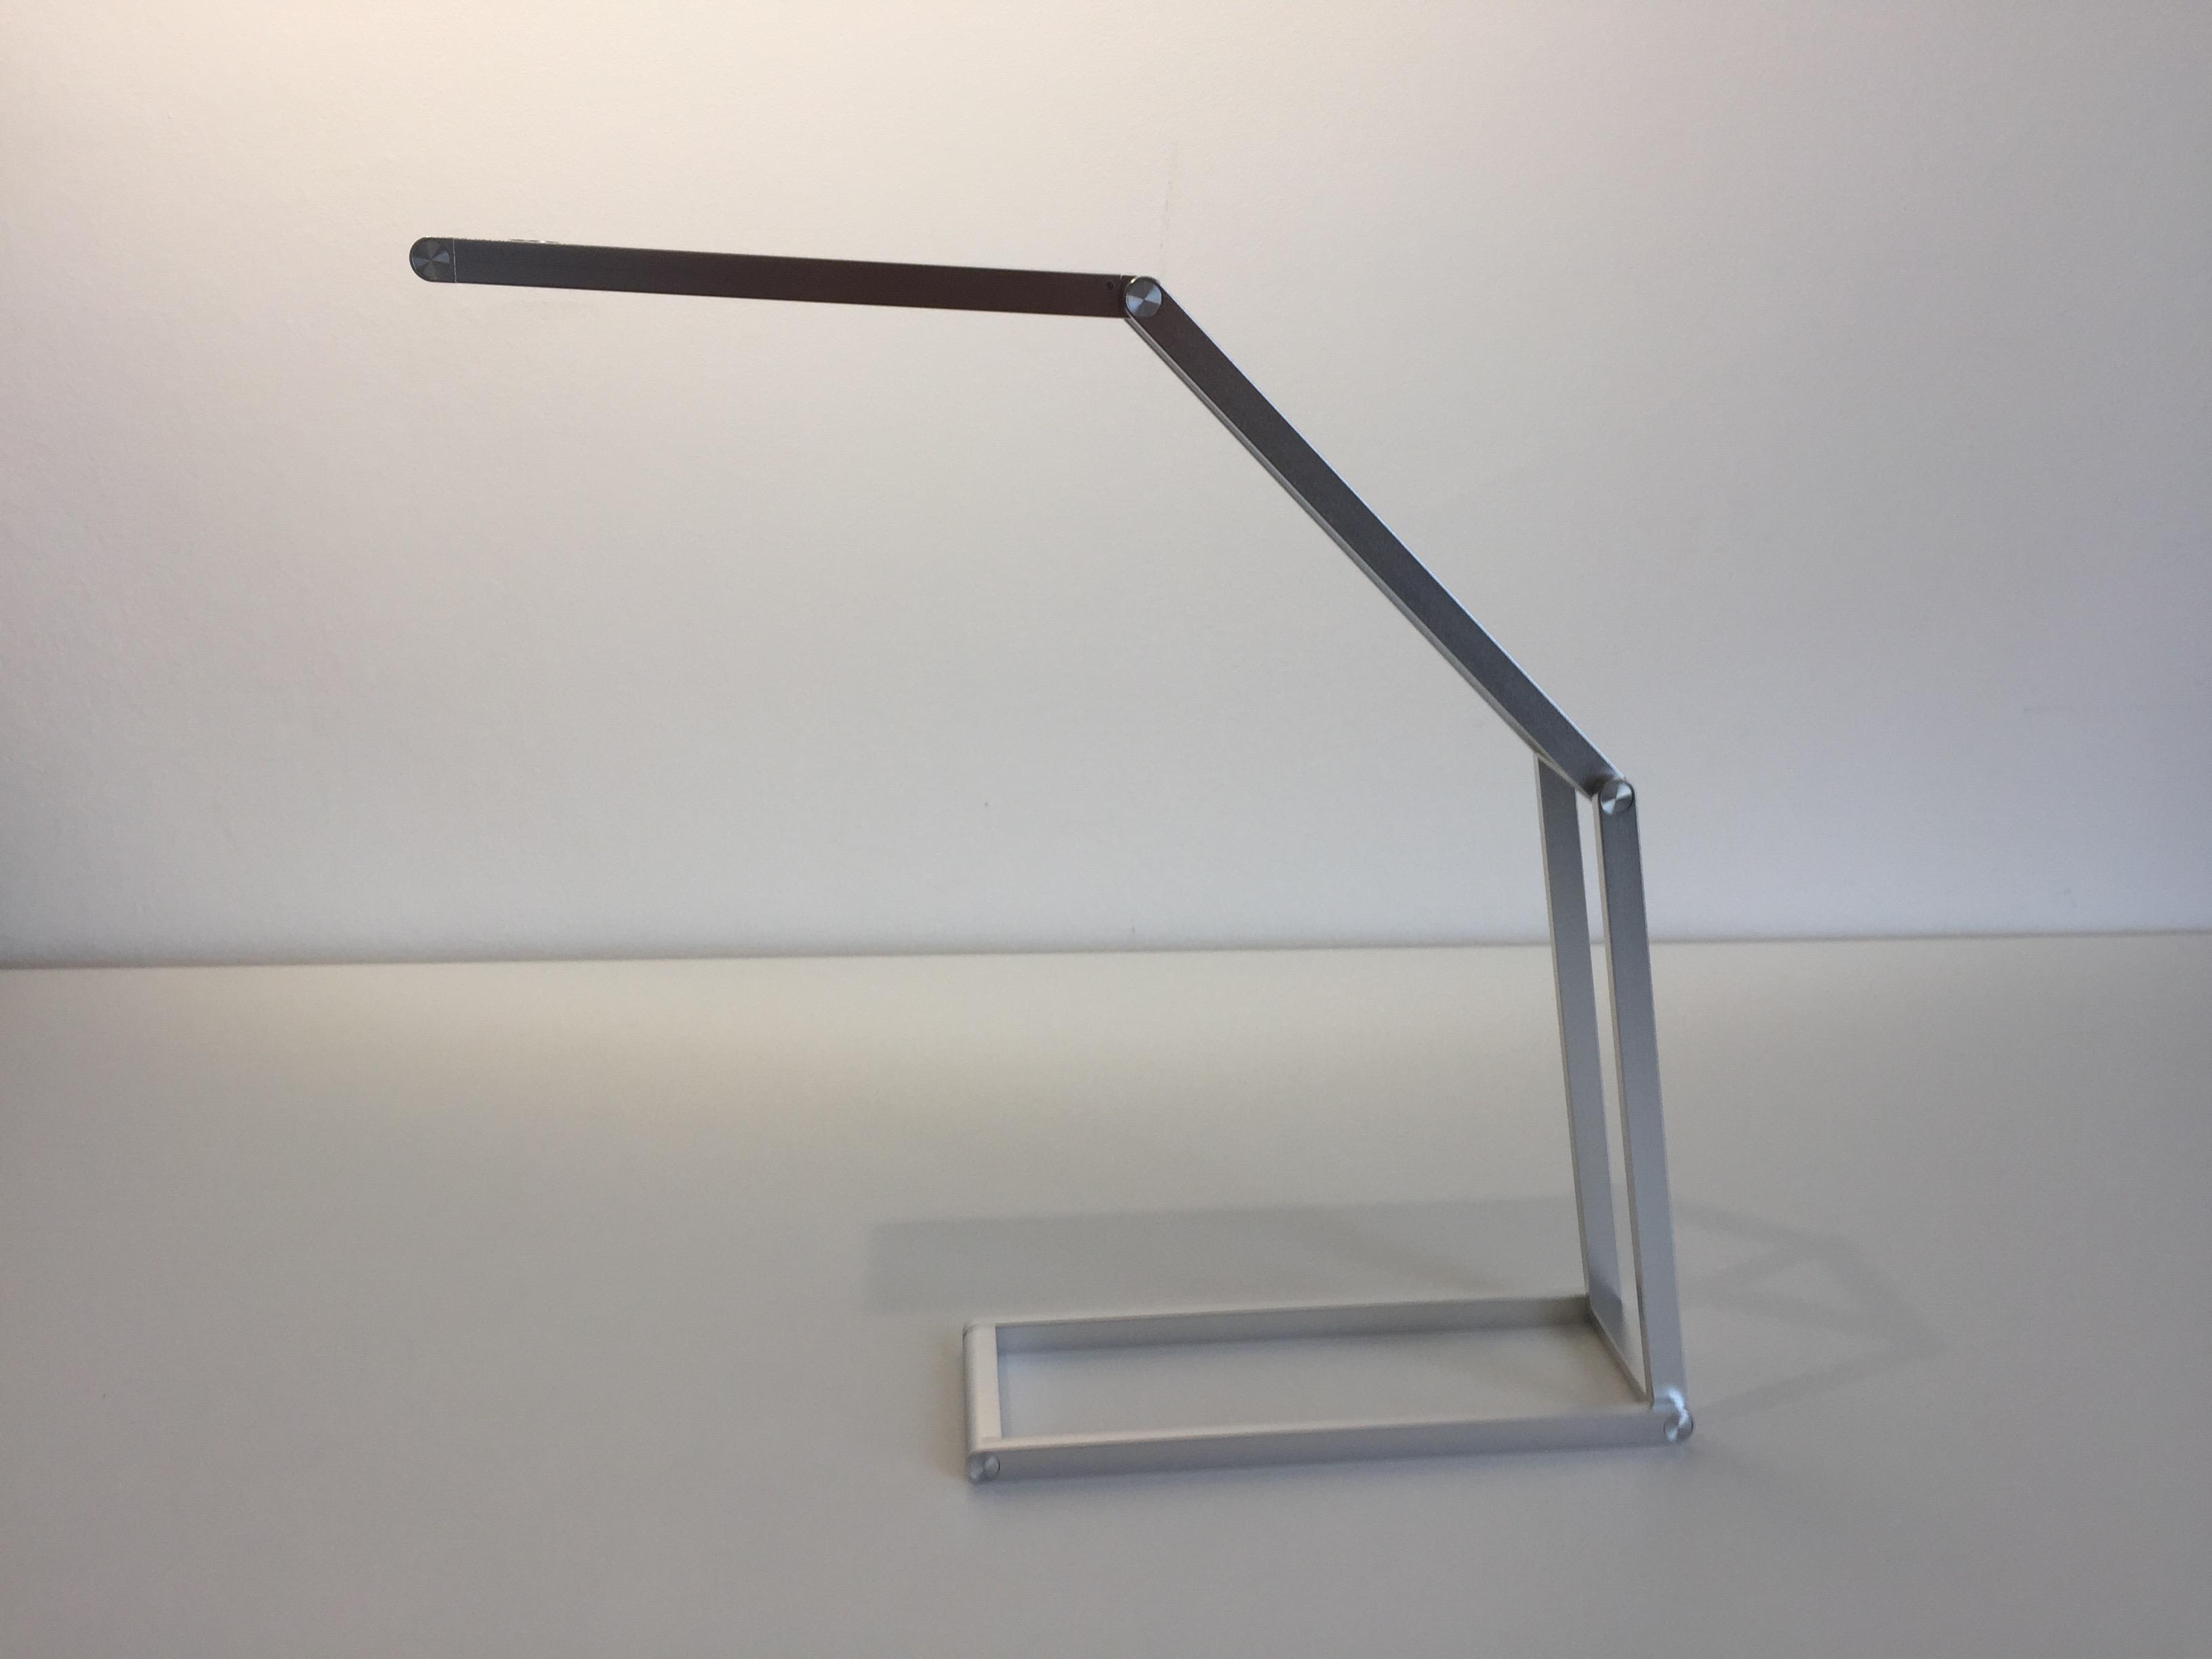 20170904 Lampe de bureau Aukey LT-ST7 portable, rechargeable et pliable 8